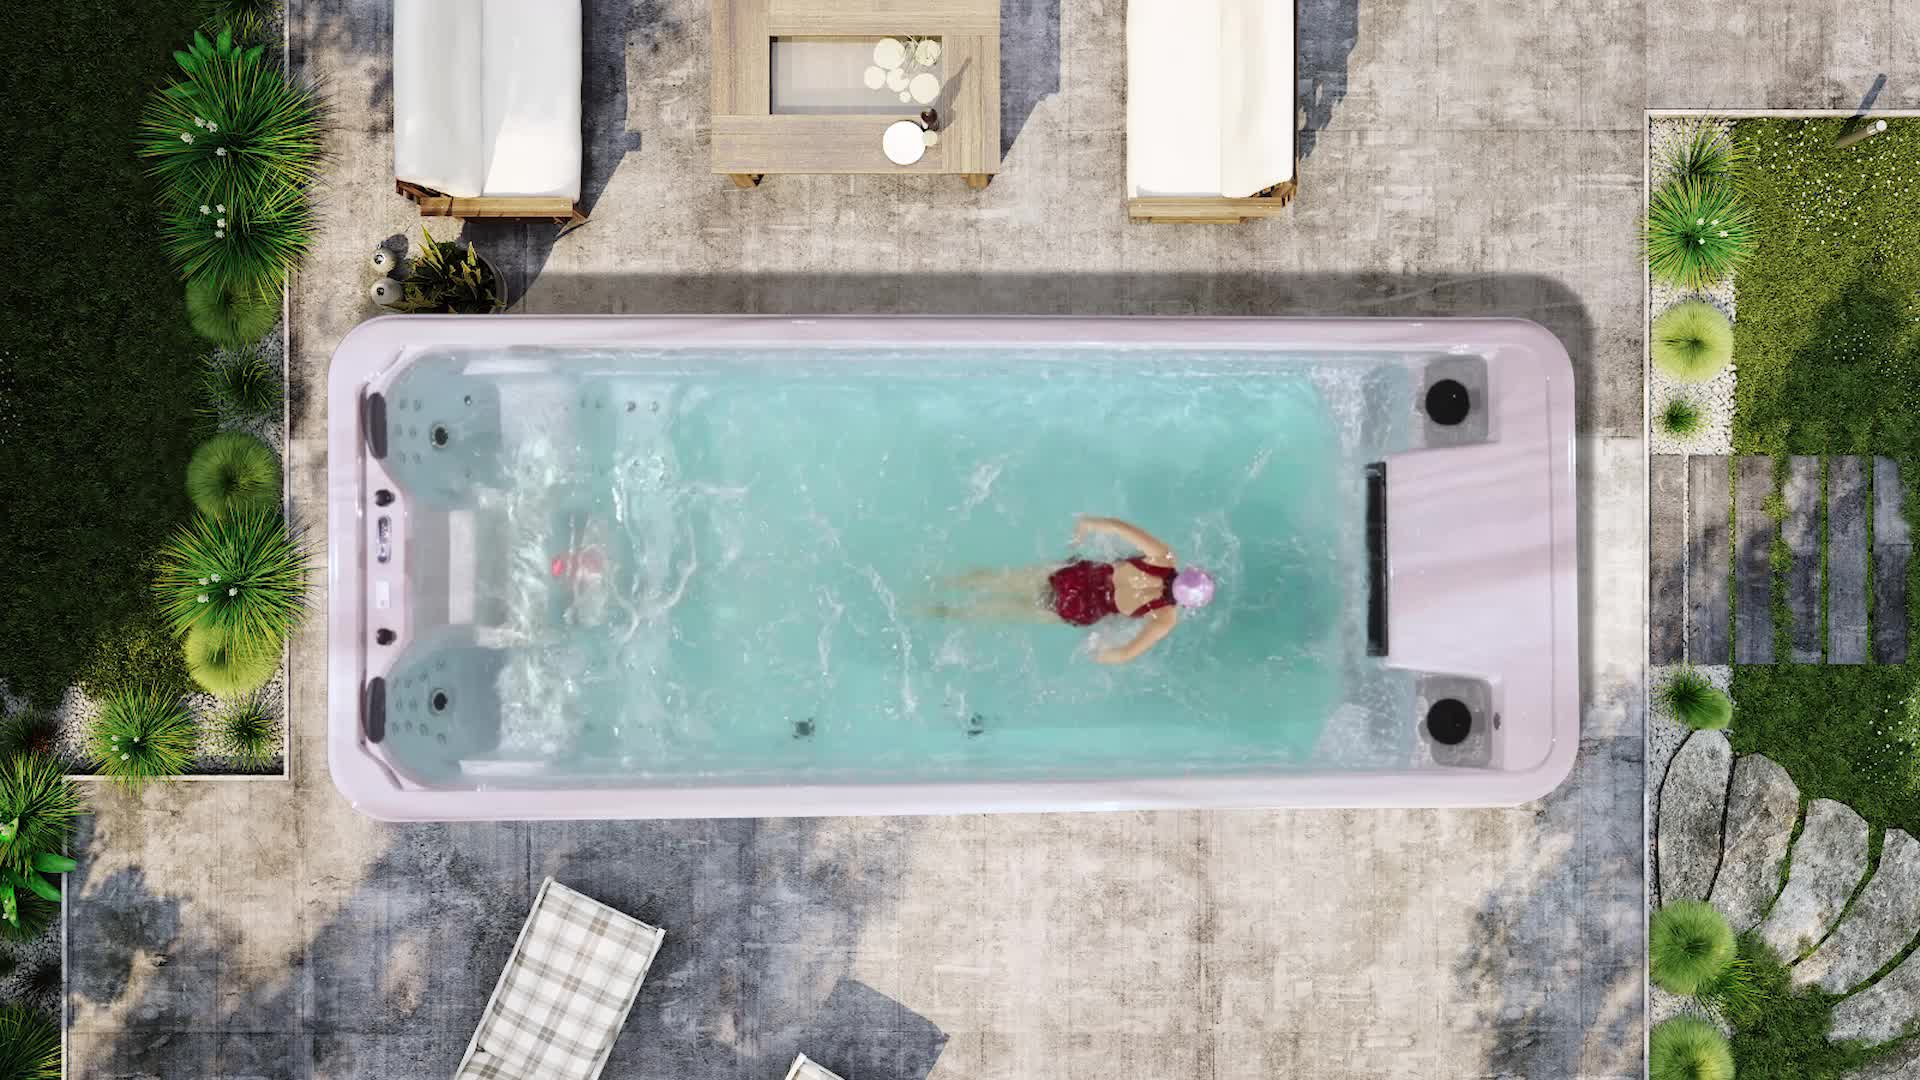 MEXDA New Hot-Bán Ngoài Trời Intex Hồ Bơi Bơi WS-S06B-T